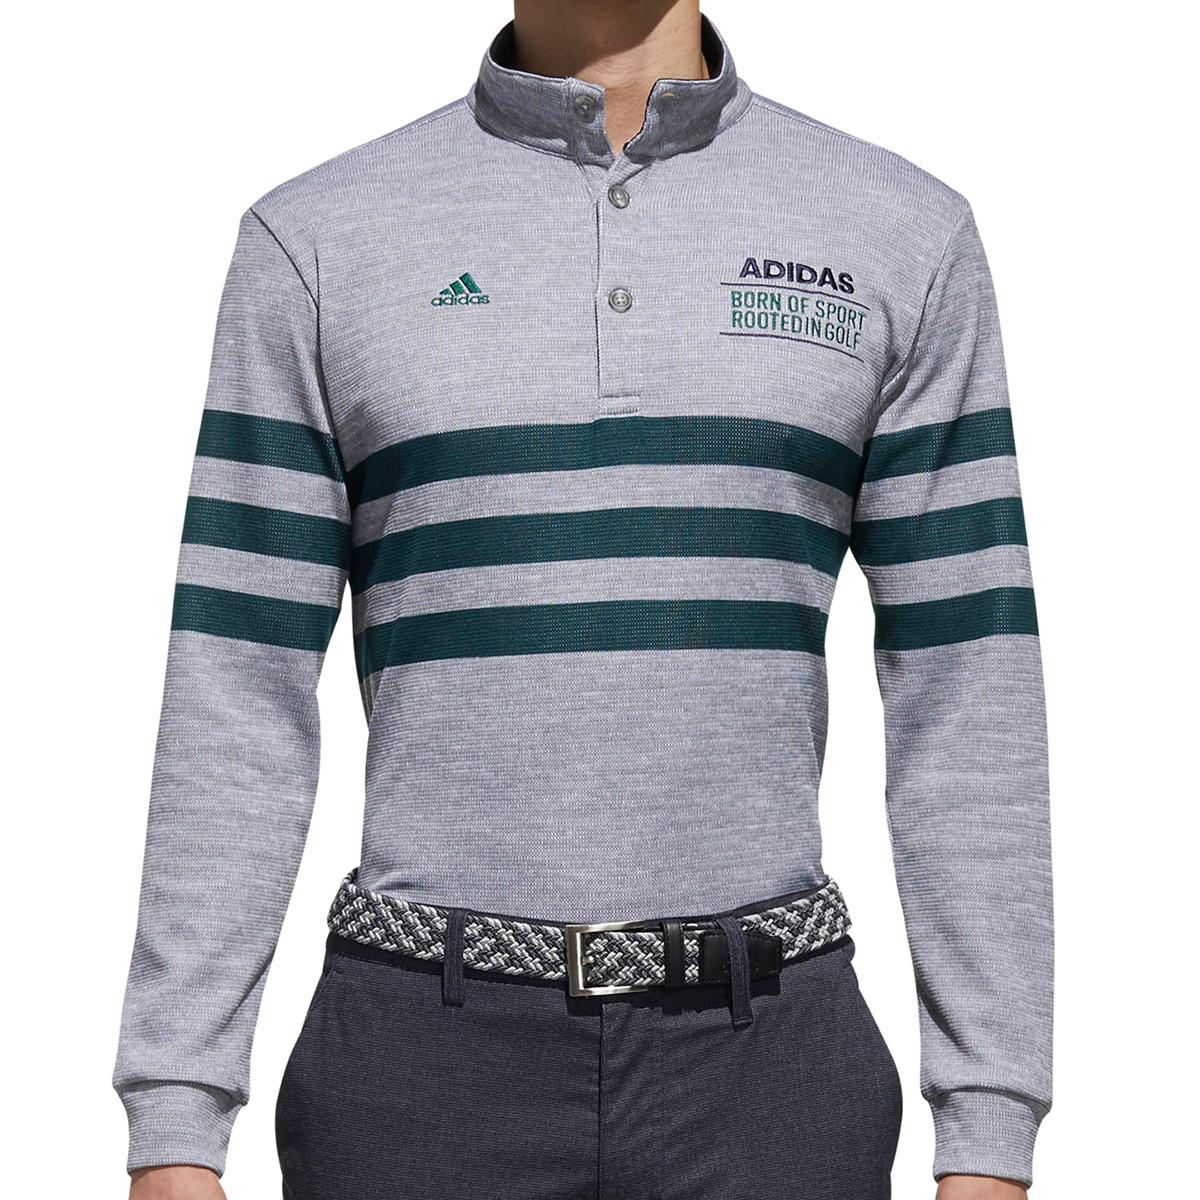 adicross 3ストライプ長袖 ボタンモックポロシャツ